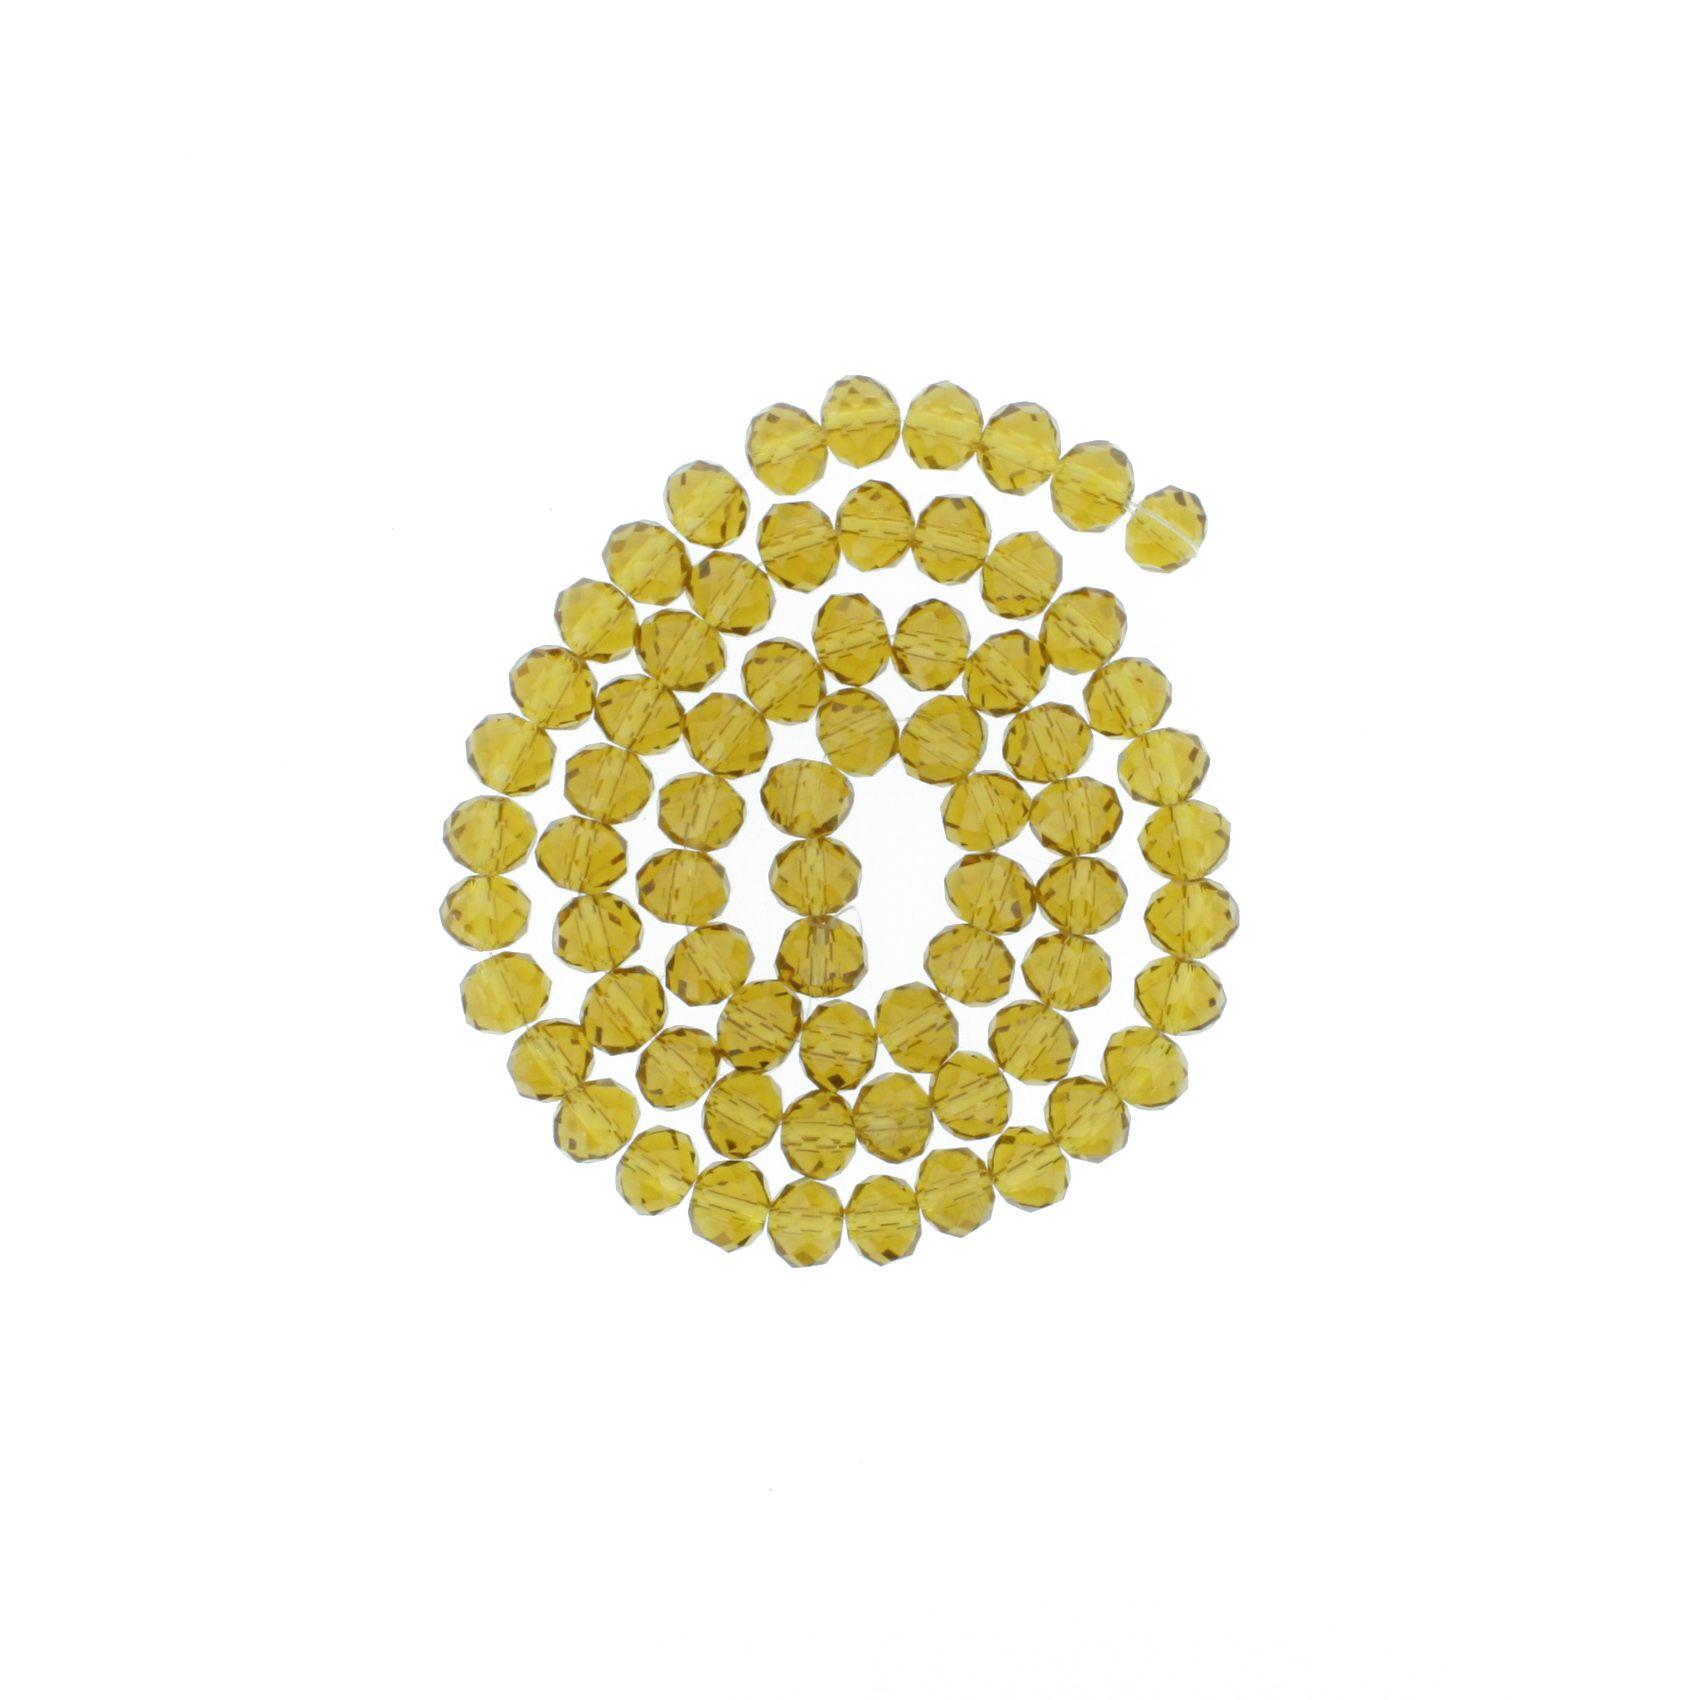 Fio de Cristal - Piatto® - Ambar Claro Transparente - 8mm  - Universo Religioso® - Artigos de Umbanda e Candomblé